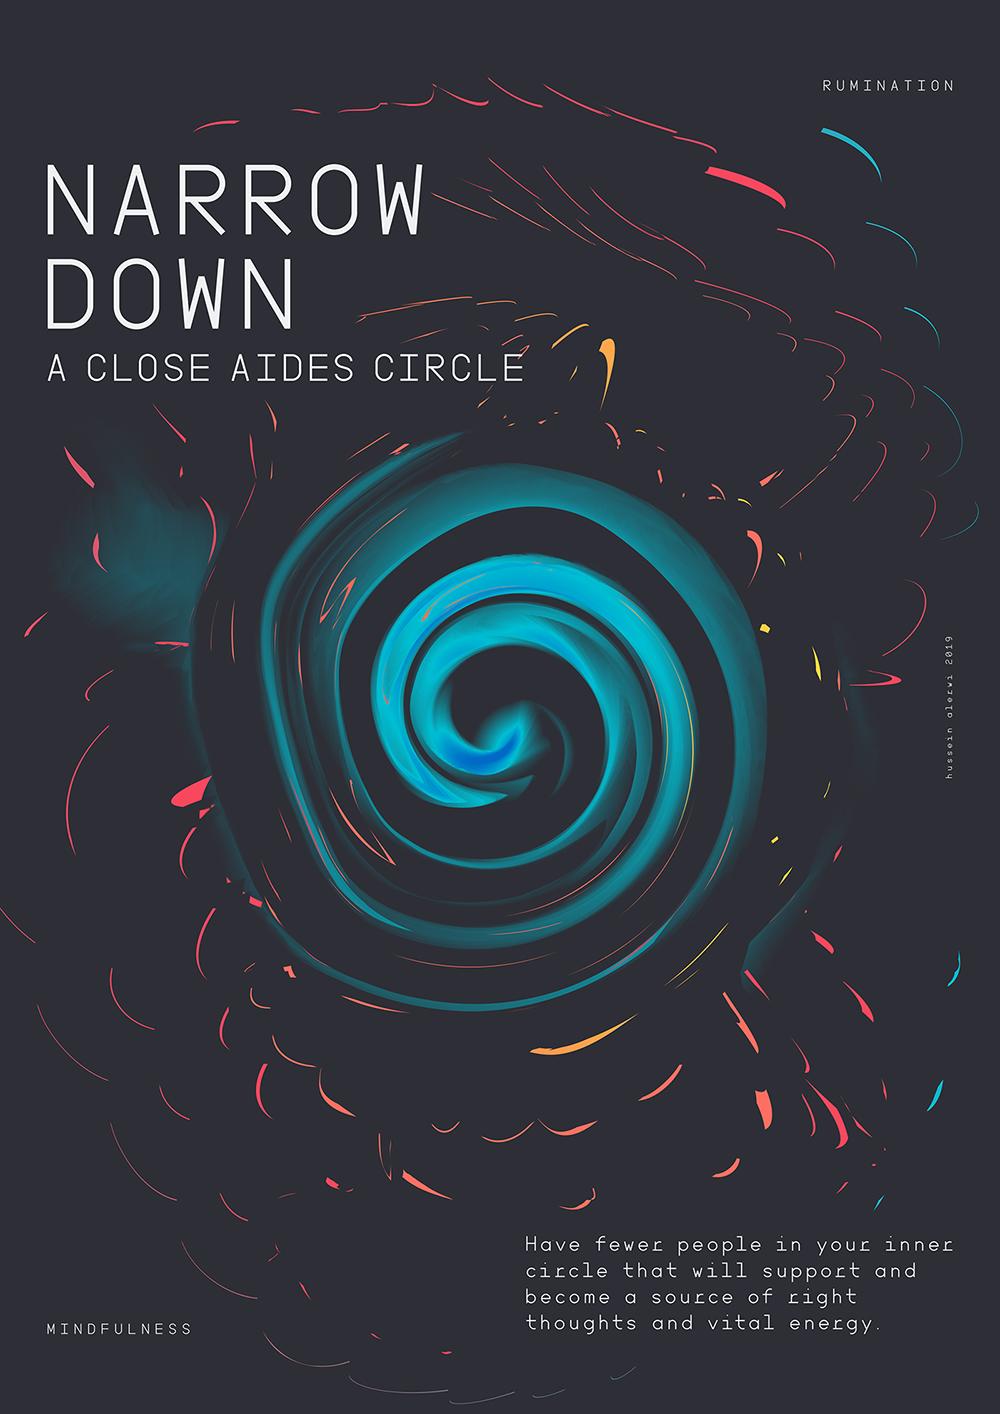 RUMINATION-Narrow Down